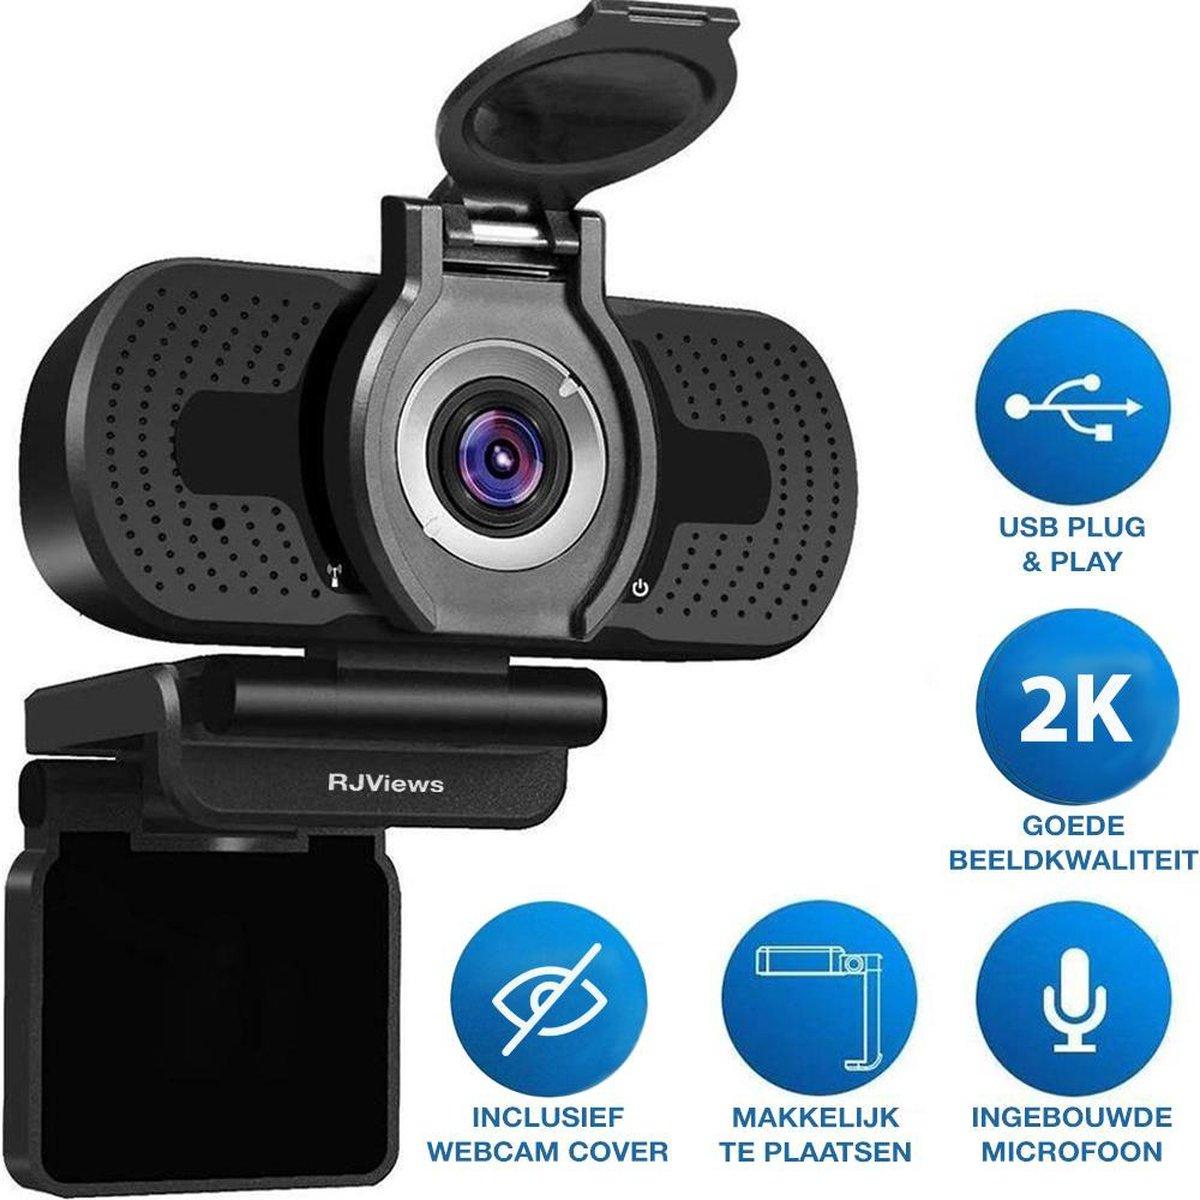 RJ Views Webcam 2k 4MP voor PC - Ingebouwde Microfoon & Webcam Cover - Werk & Thuis - USB-Plug&Play - Zwart - Voor Windows & Mac - Webcam voor vergaderingen -